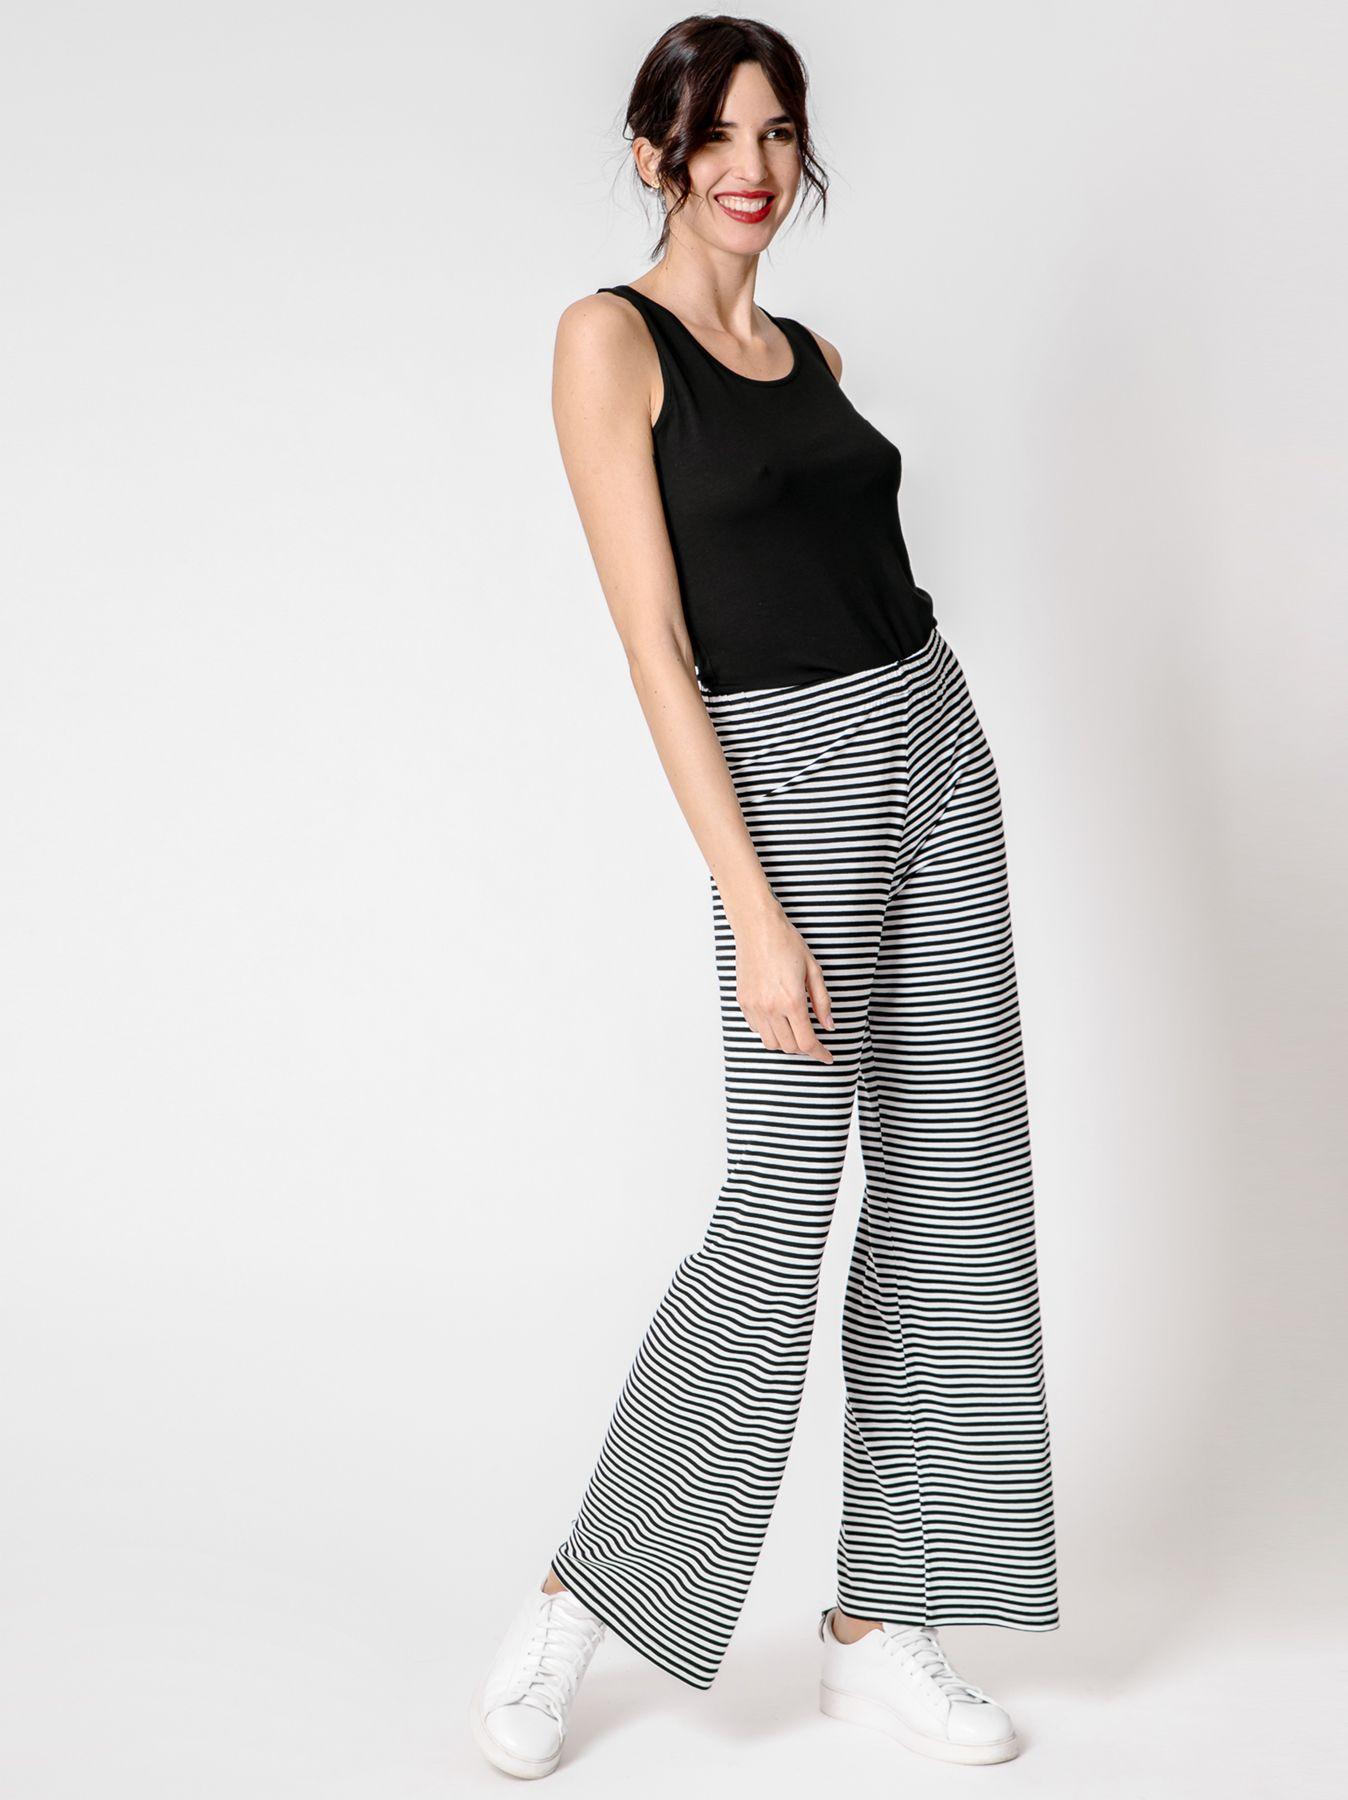 Pantalone elastico rigato